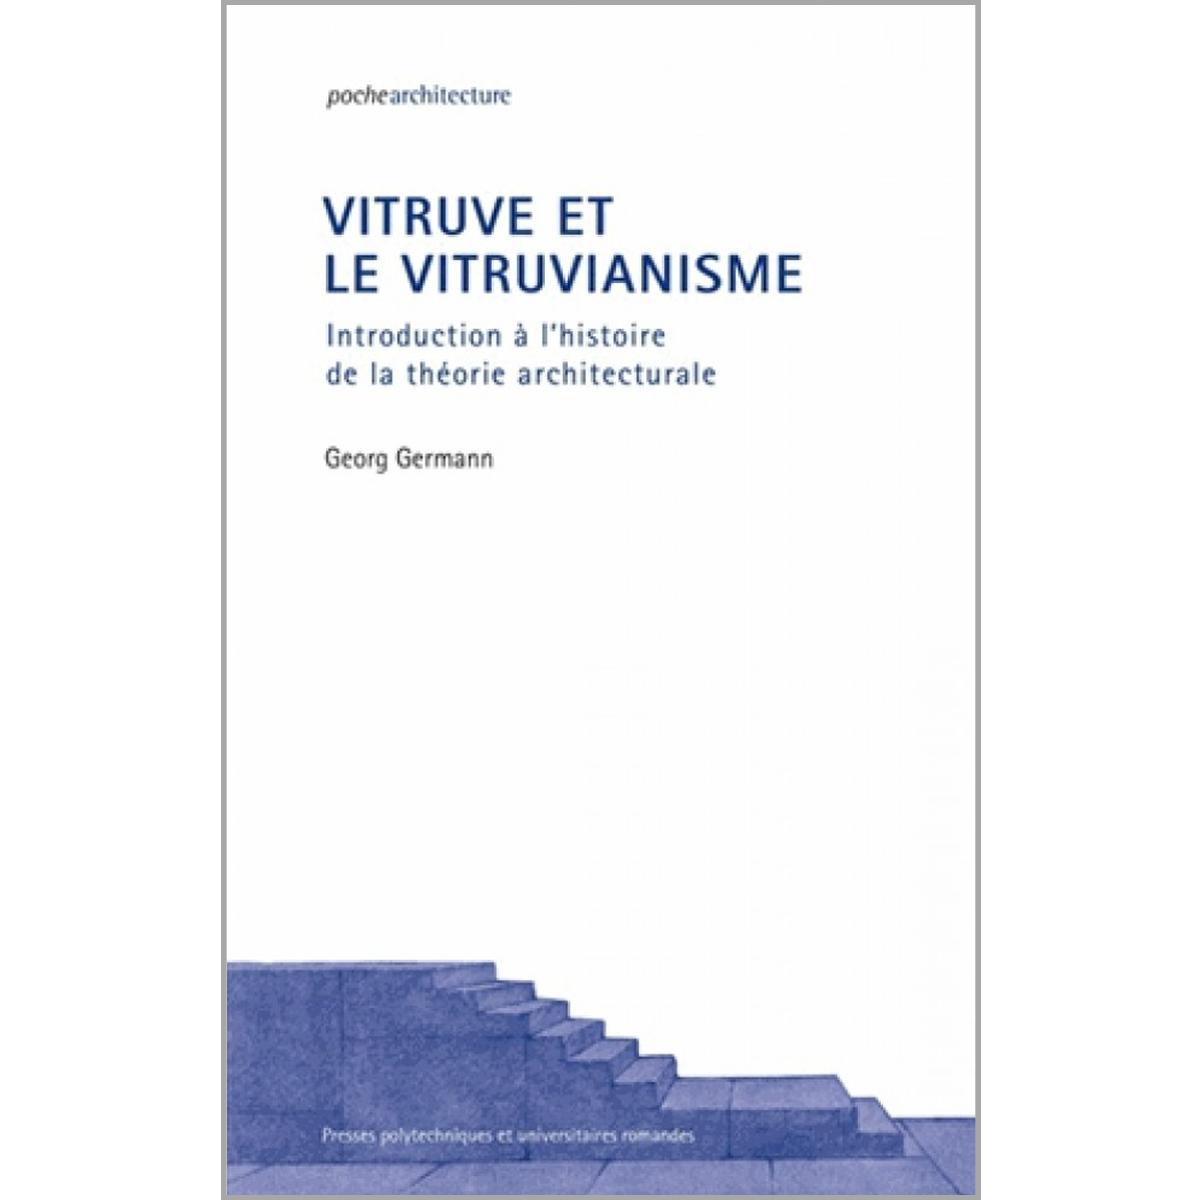 Vitruve et le vitruvianisme